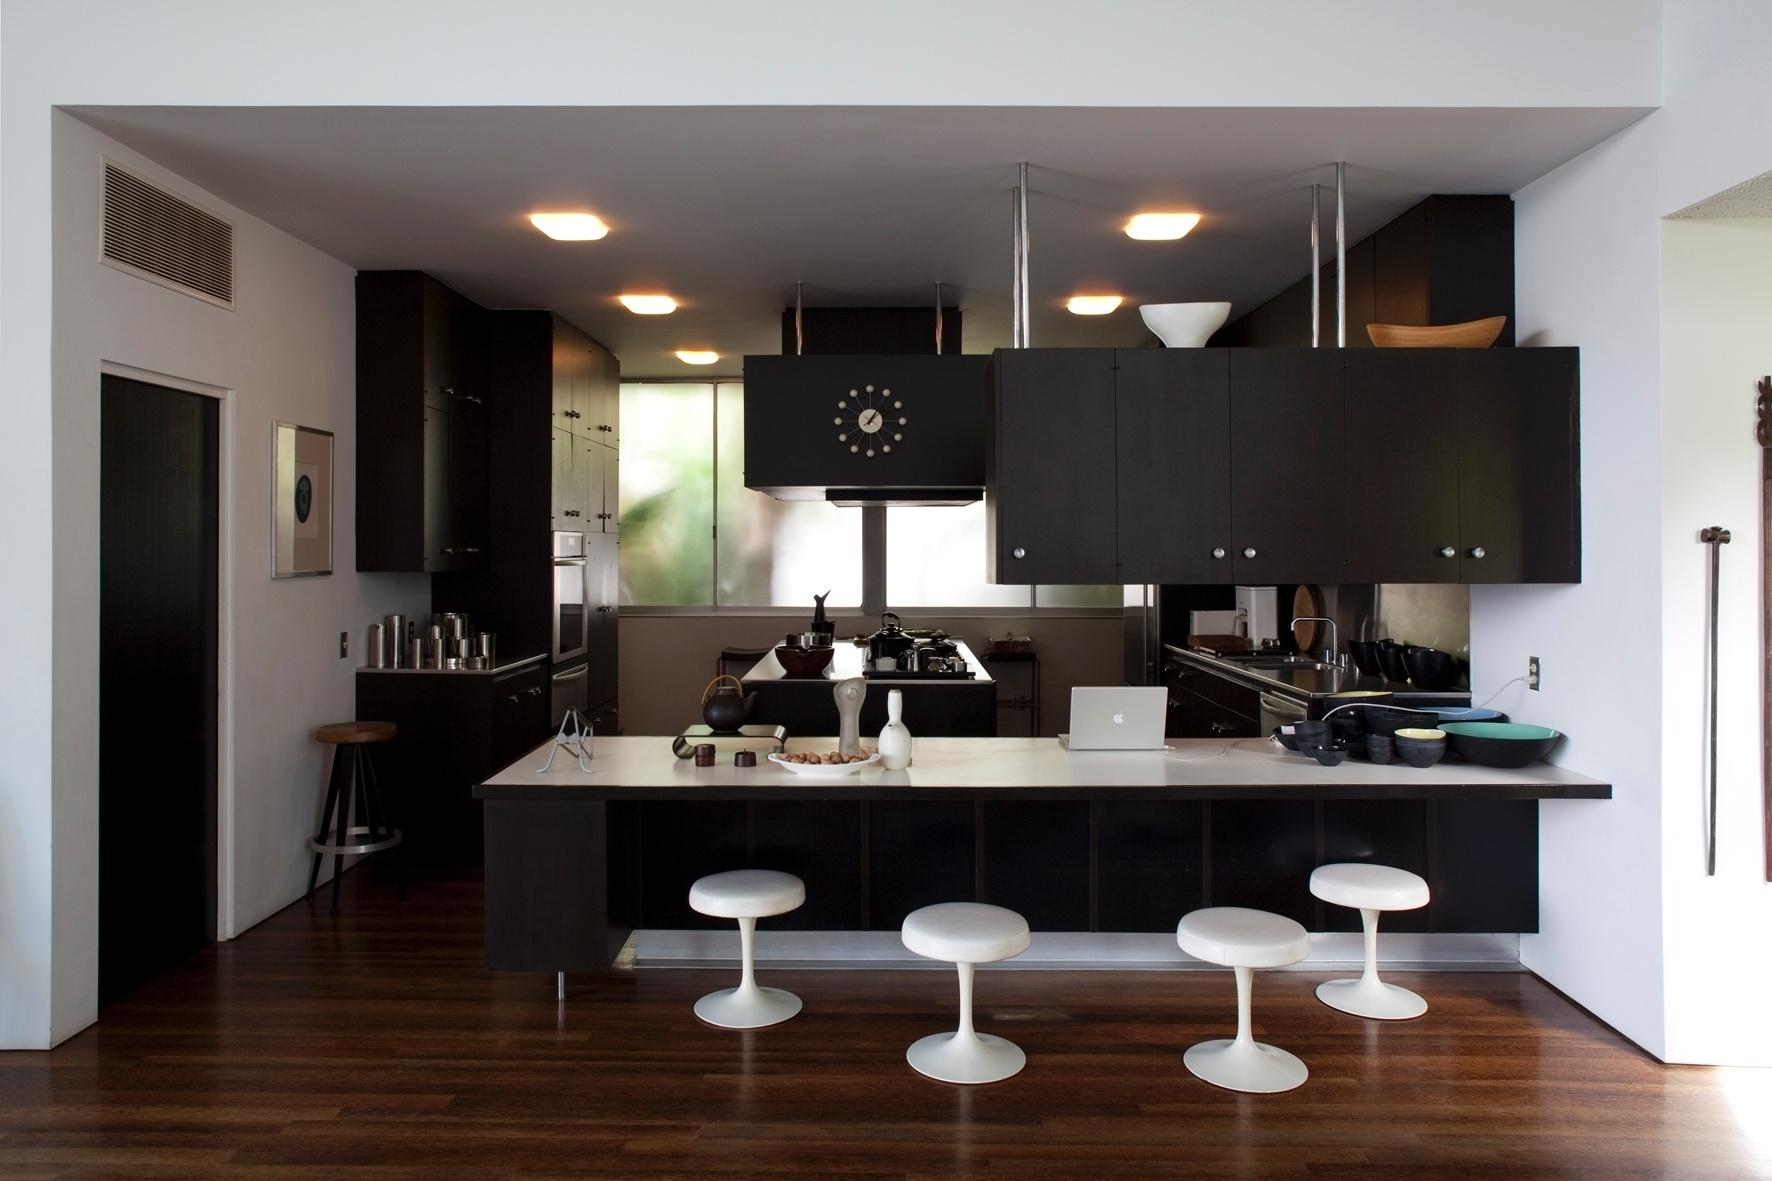 cozinha muito ampla e aberta com ilha central de cocção foi  #241A16 1772 1181